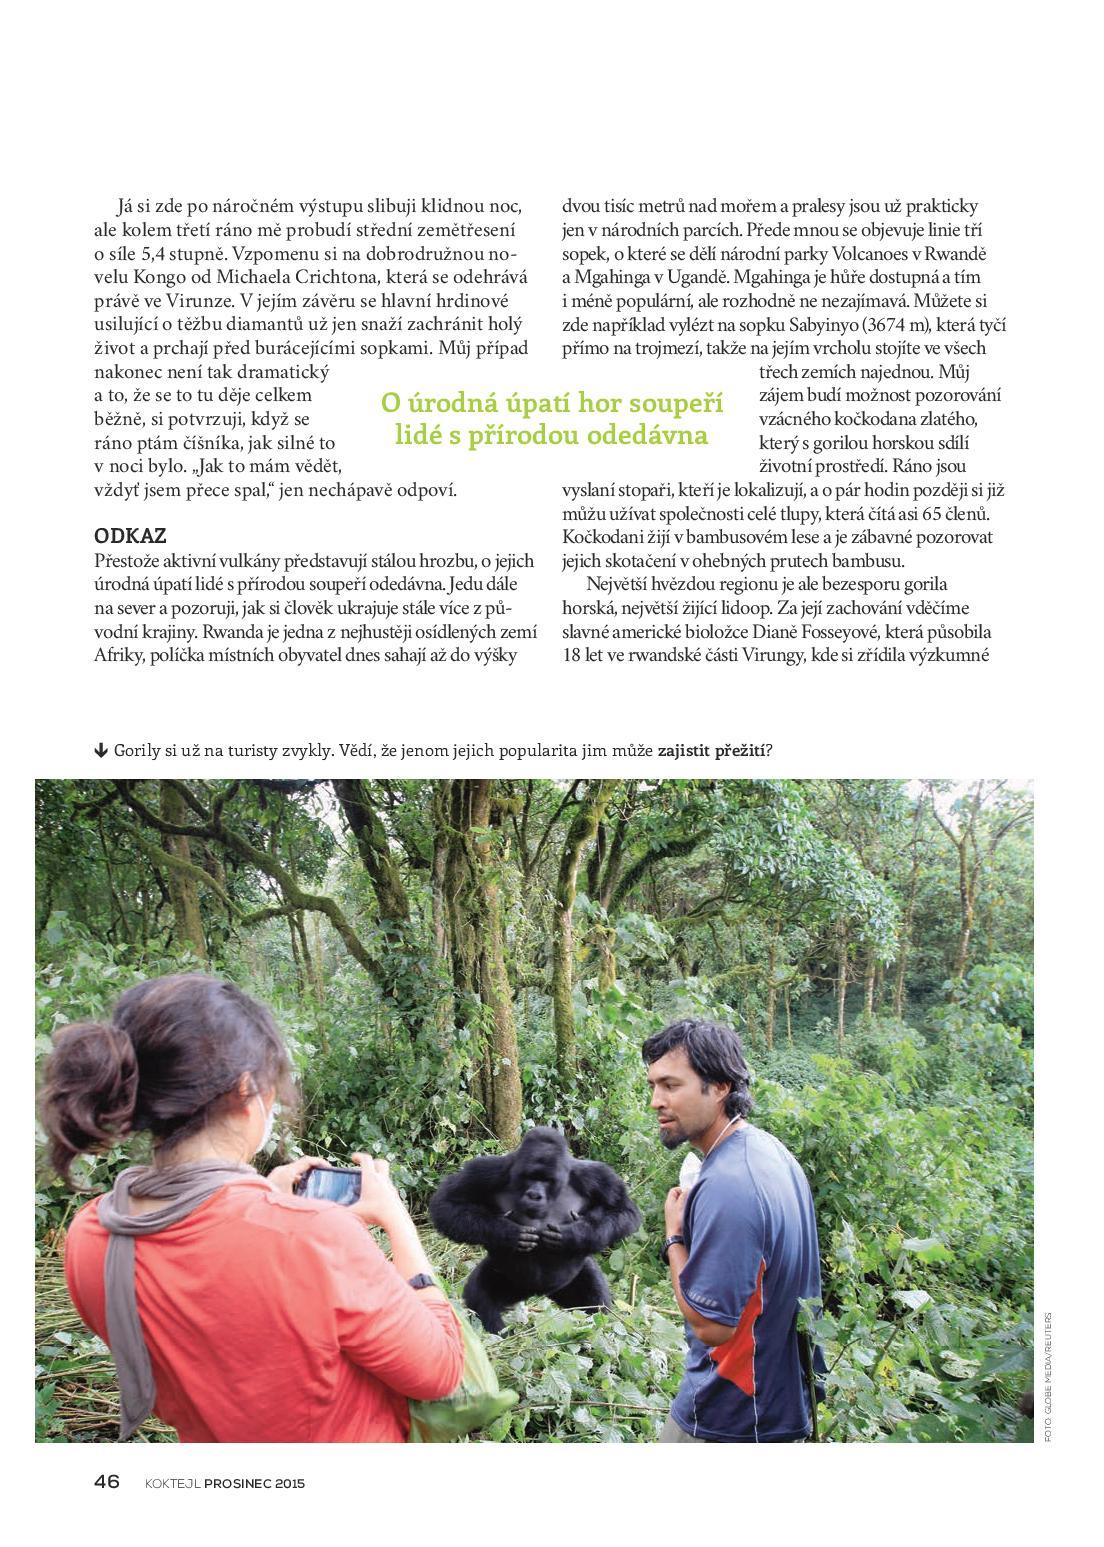 KO1512_Afrika_Virunga2_JS-page-007